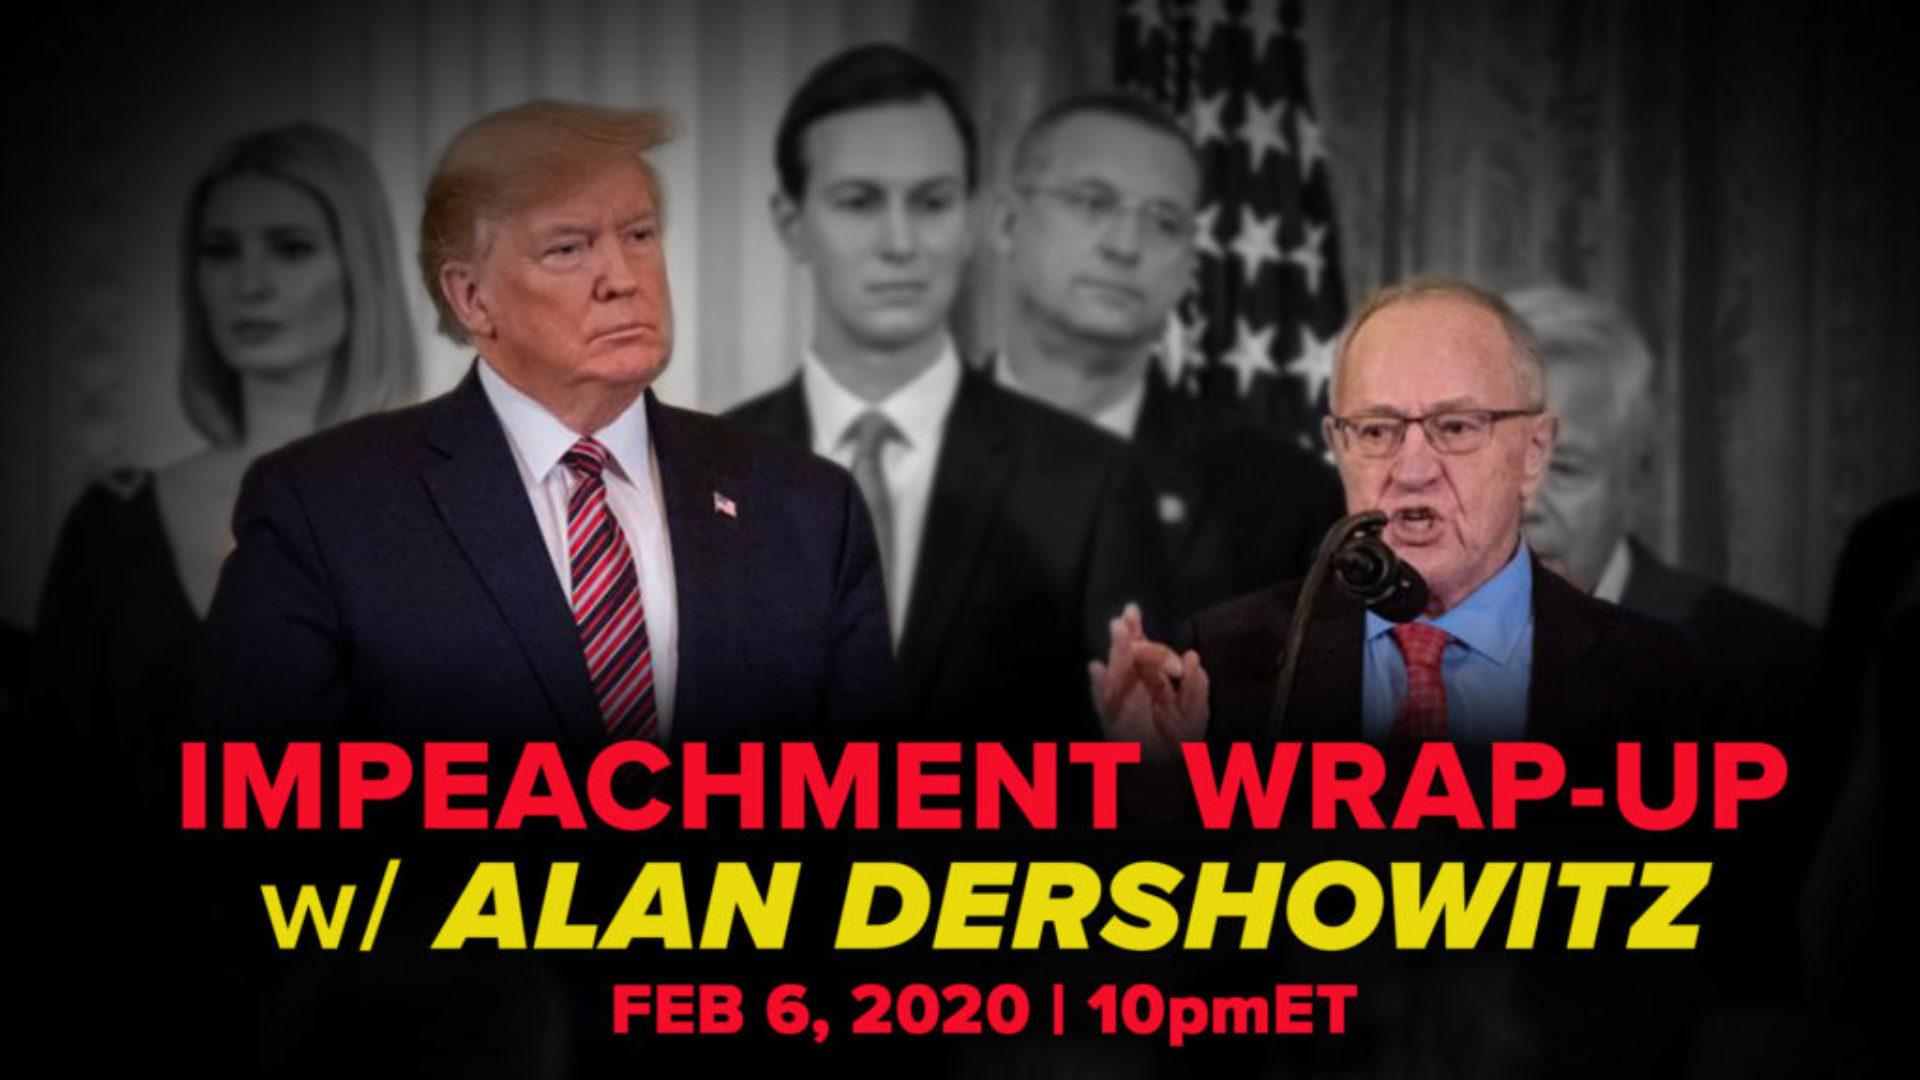 Impeachment-Wrap-Up